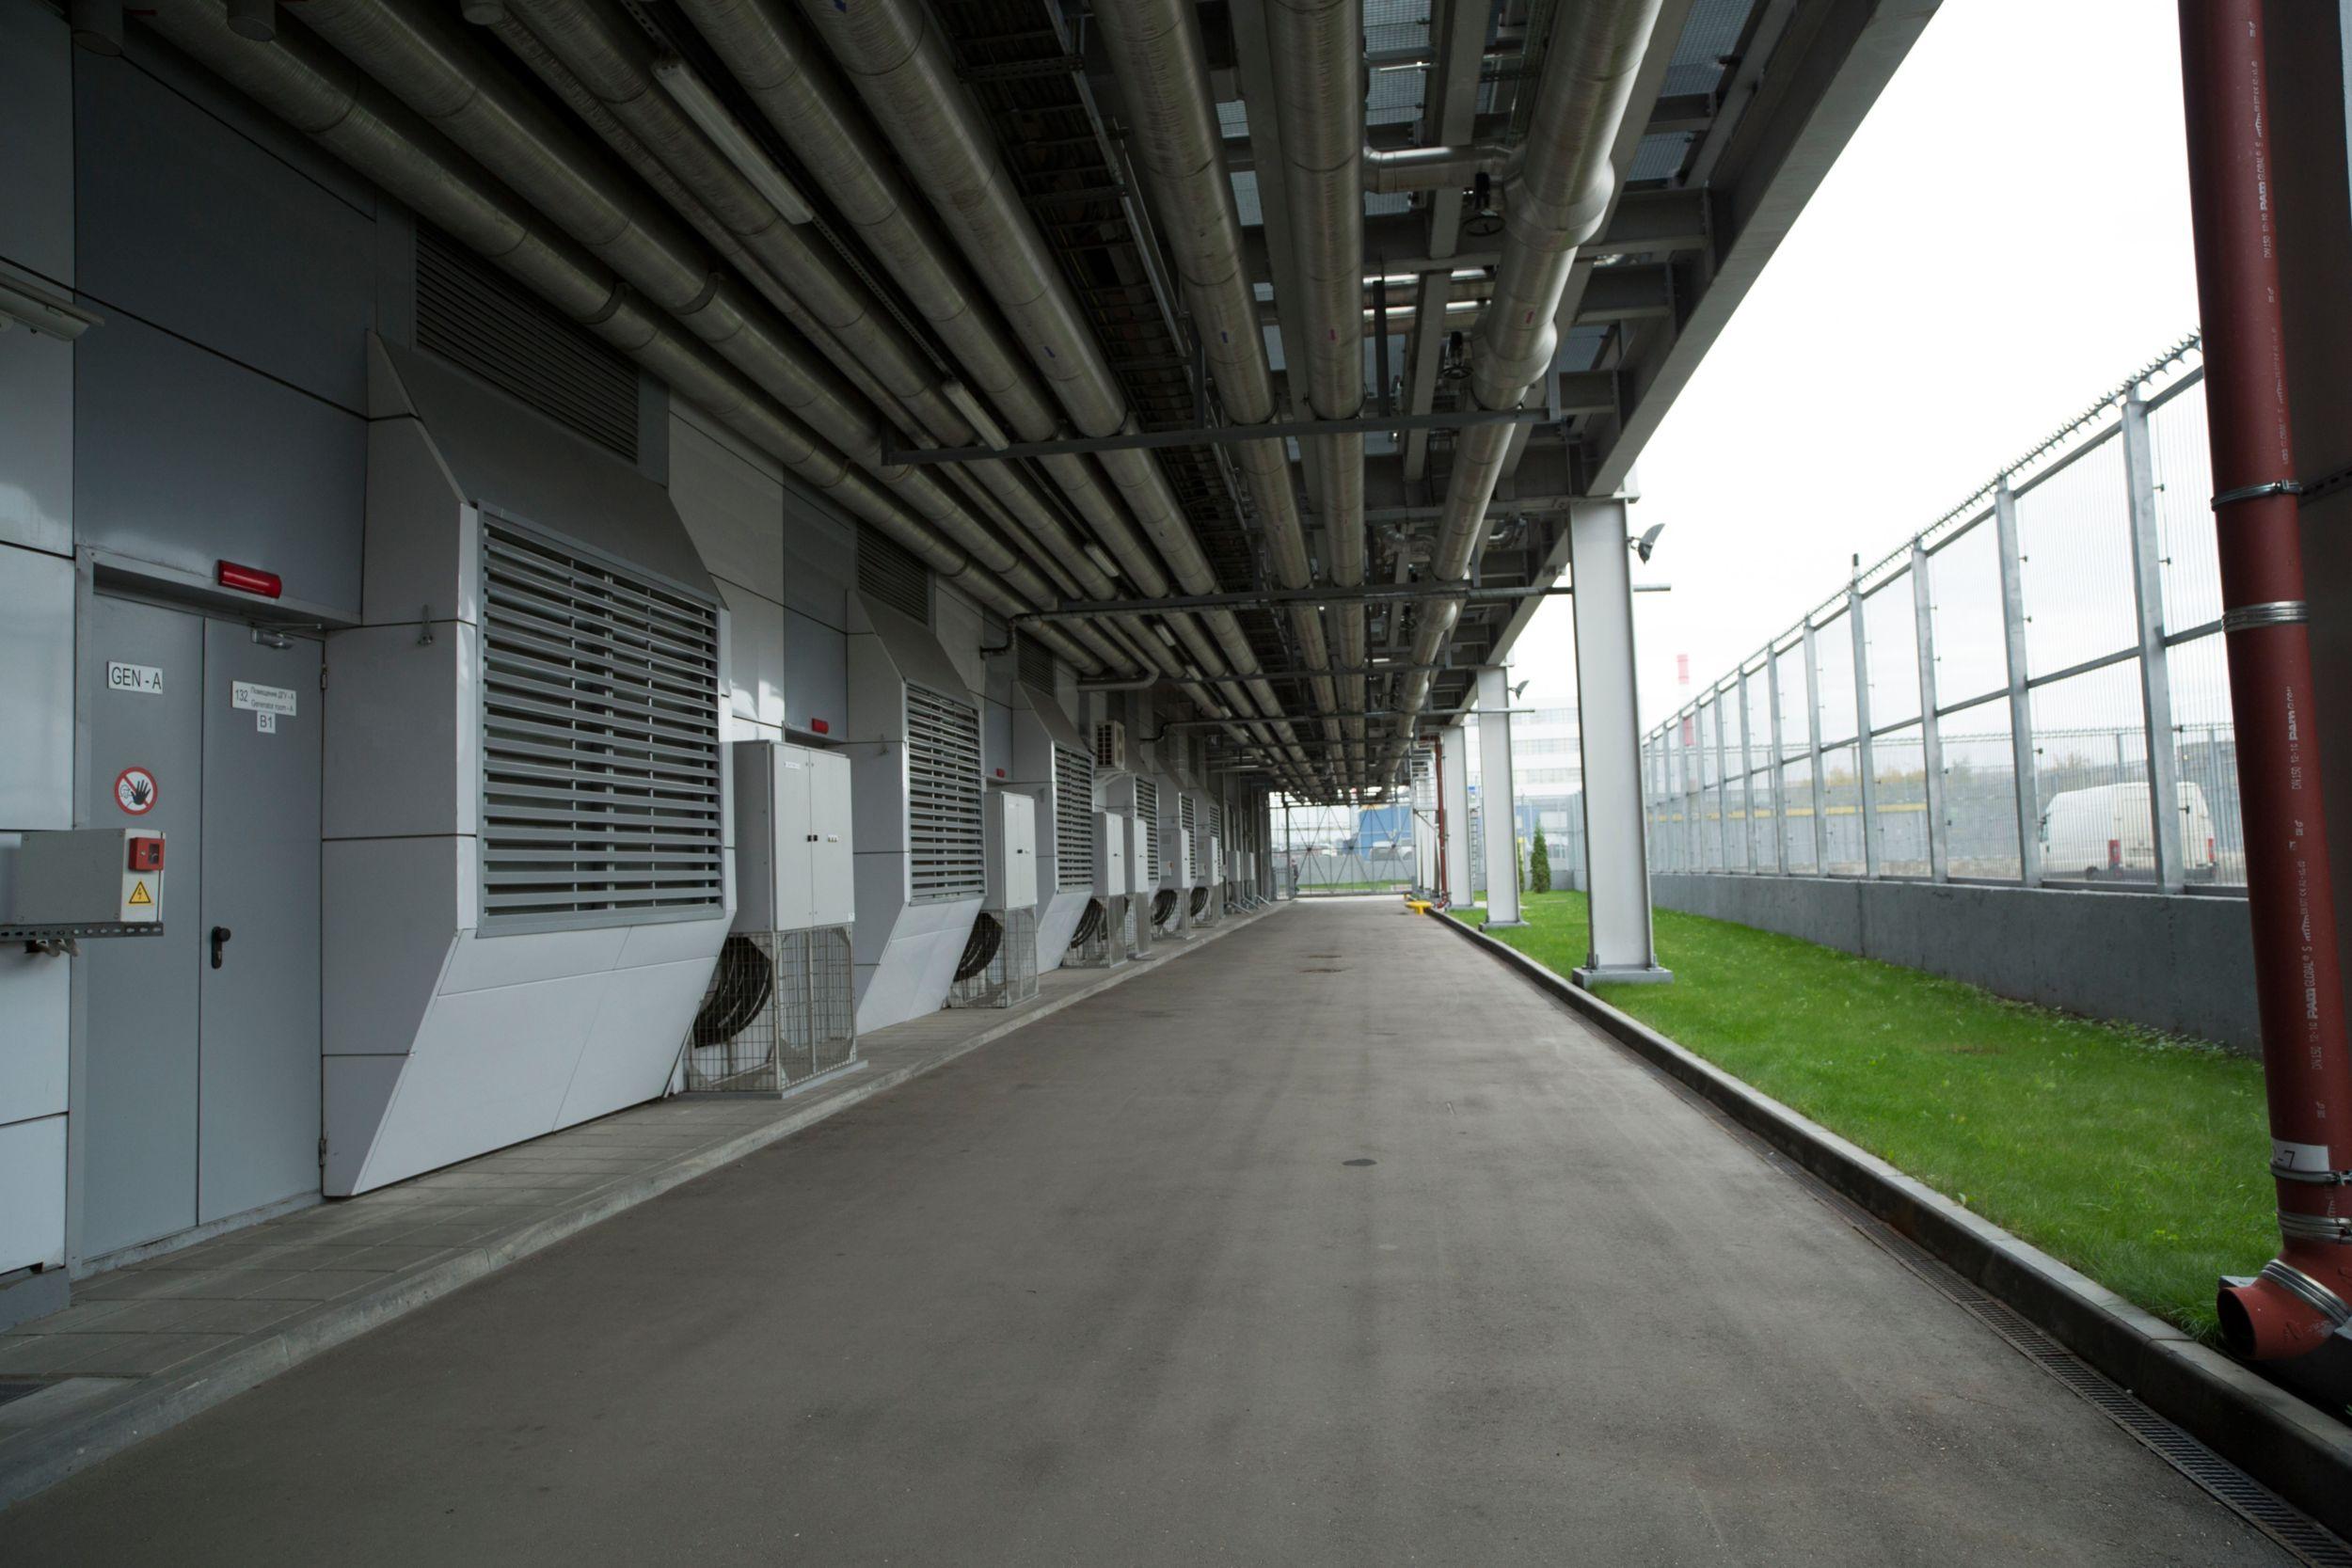 Каждая из пяти генераторных установок предназначена для питания определенного модуля, а шестая остается в резерве и может заменить одну из пяти главных установок.